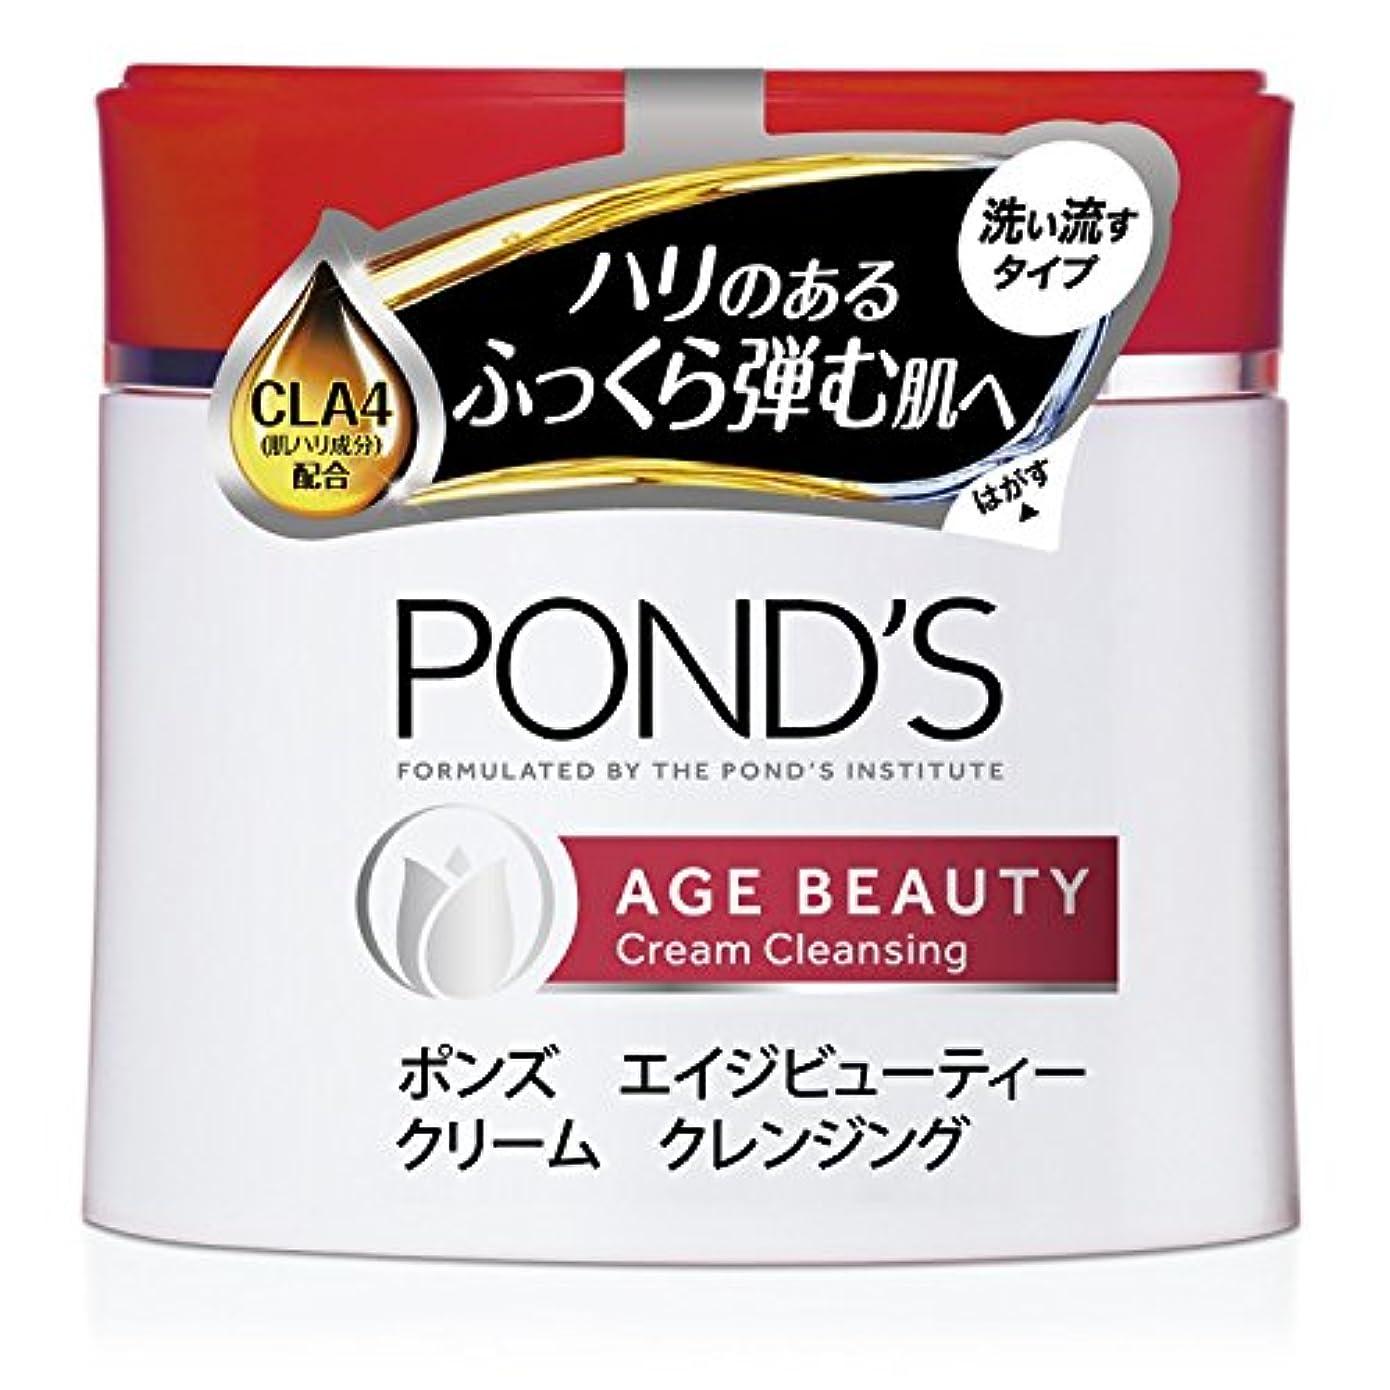 本物揃える原稿ユニリーバ?ジャパン ポンズ エイジビューティー クリームクレンジング 270g×24点セット (4902111726892)